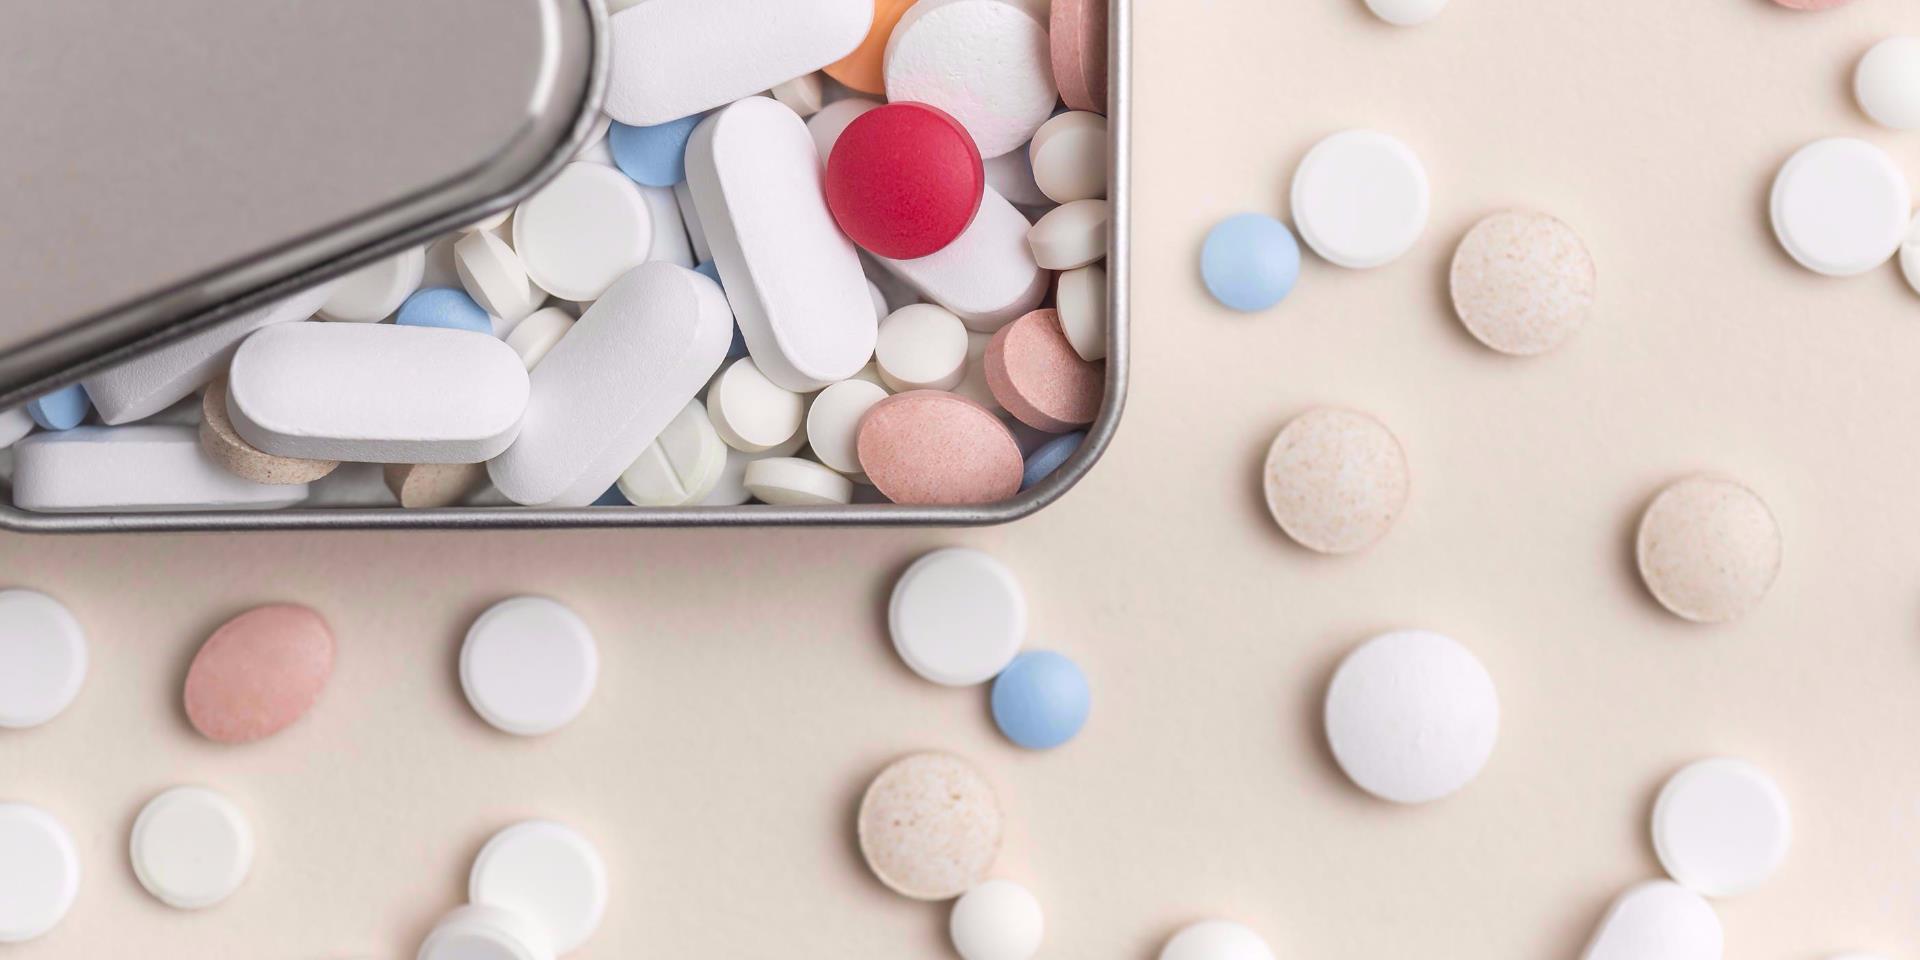 موكسيپين Moxypen ما هي فعالية الدواء كلاليت